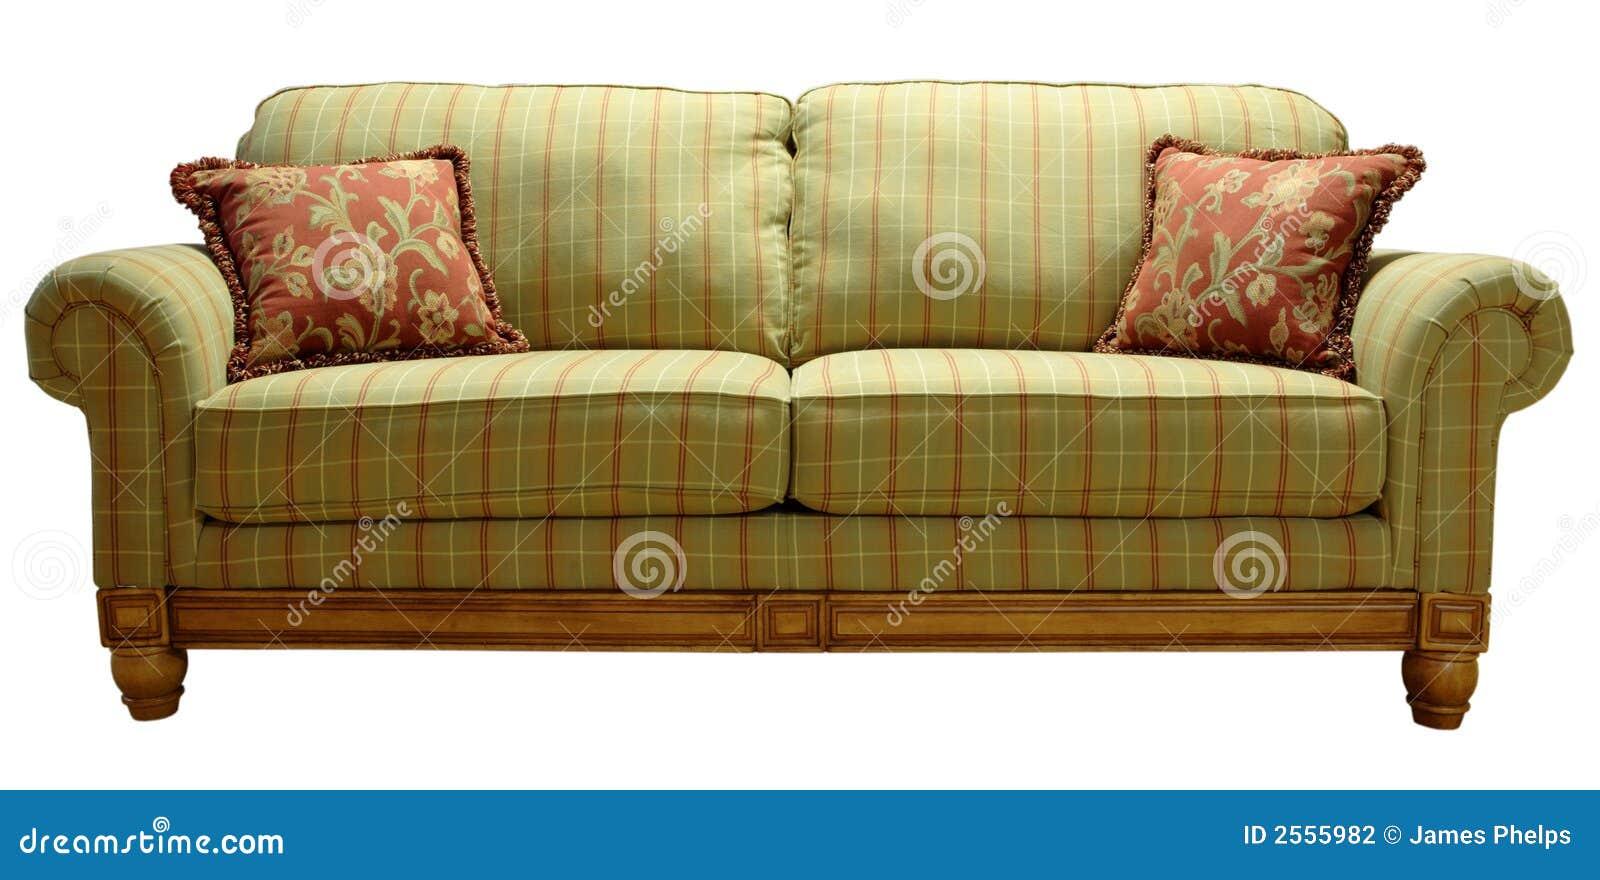 kraj-szkockiej-kraty-sofa-2555982.jpg